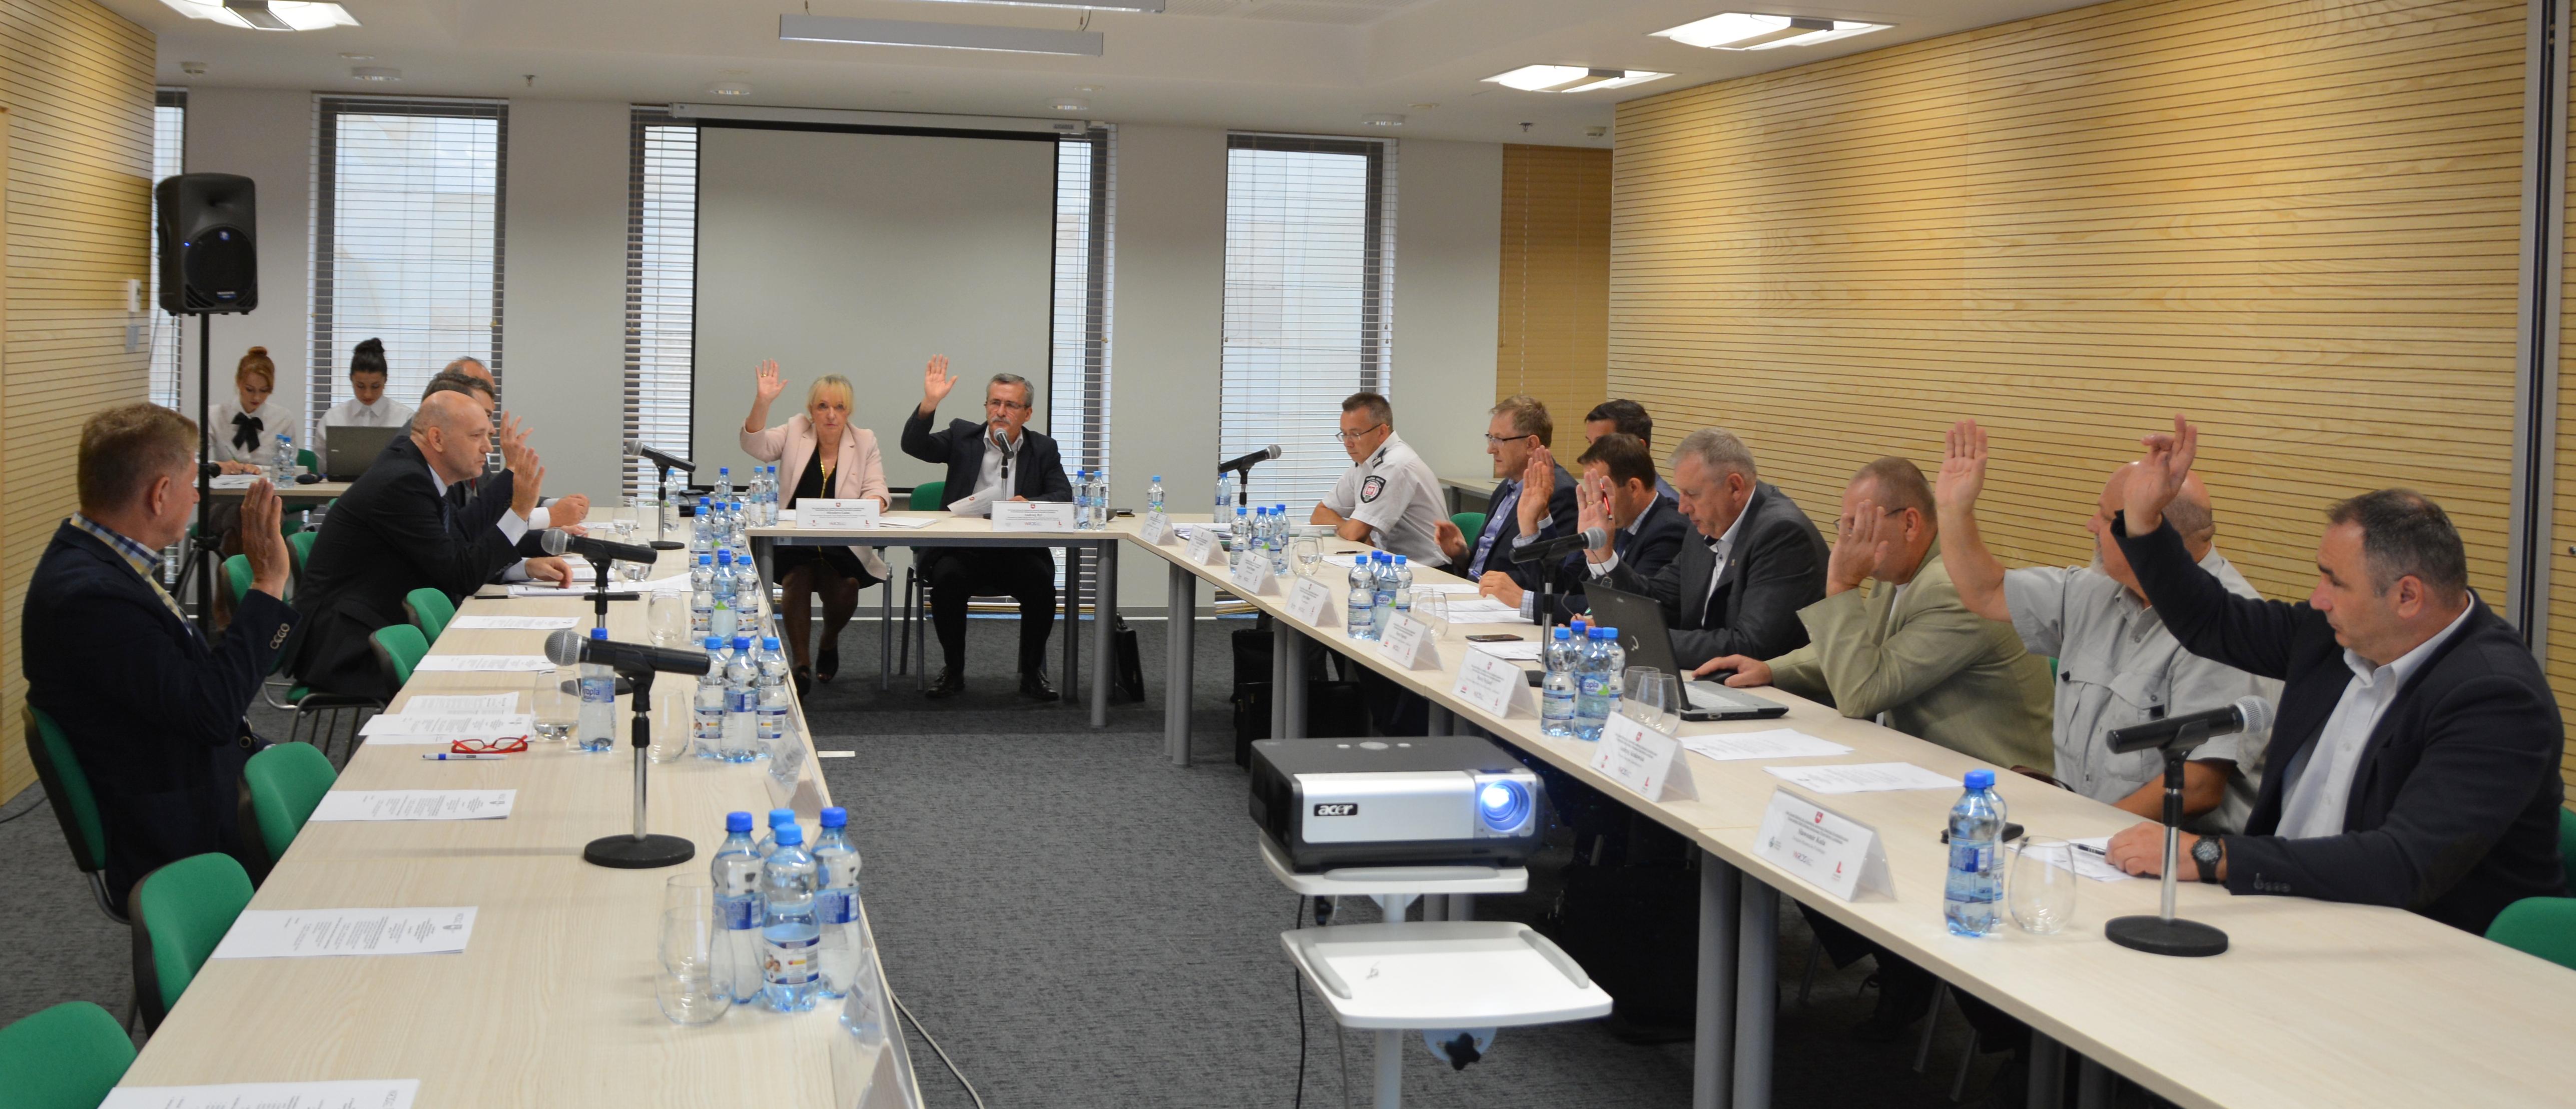 Posiedzenie Stałego Zespołu Roboczego ds. Gospodarki, Innowacji i Rozwoju Przedsiębiorczości Wojewódzkiej Rady Dialogu Społecznego Województwa Lubelskiego